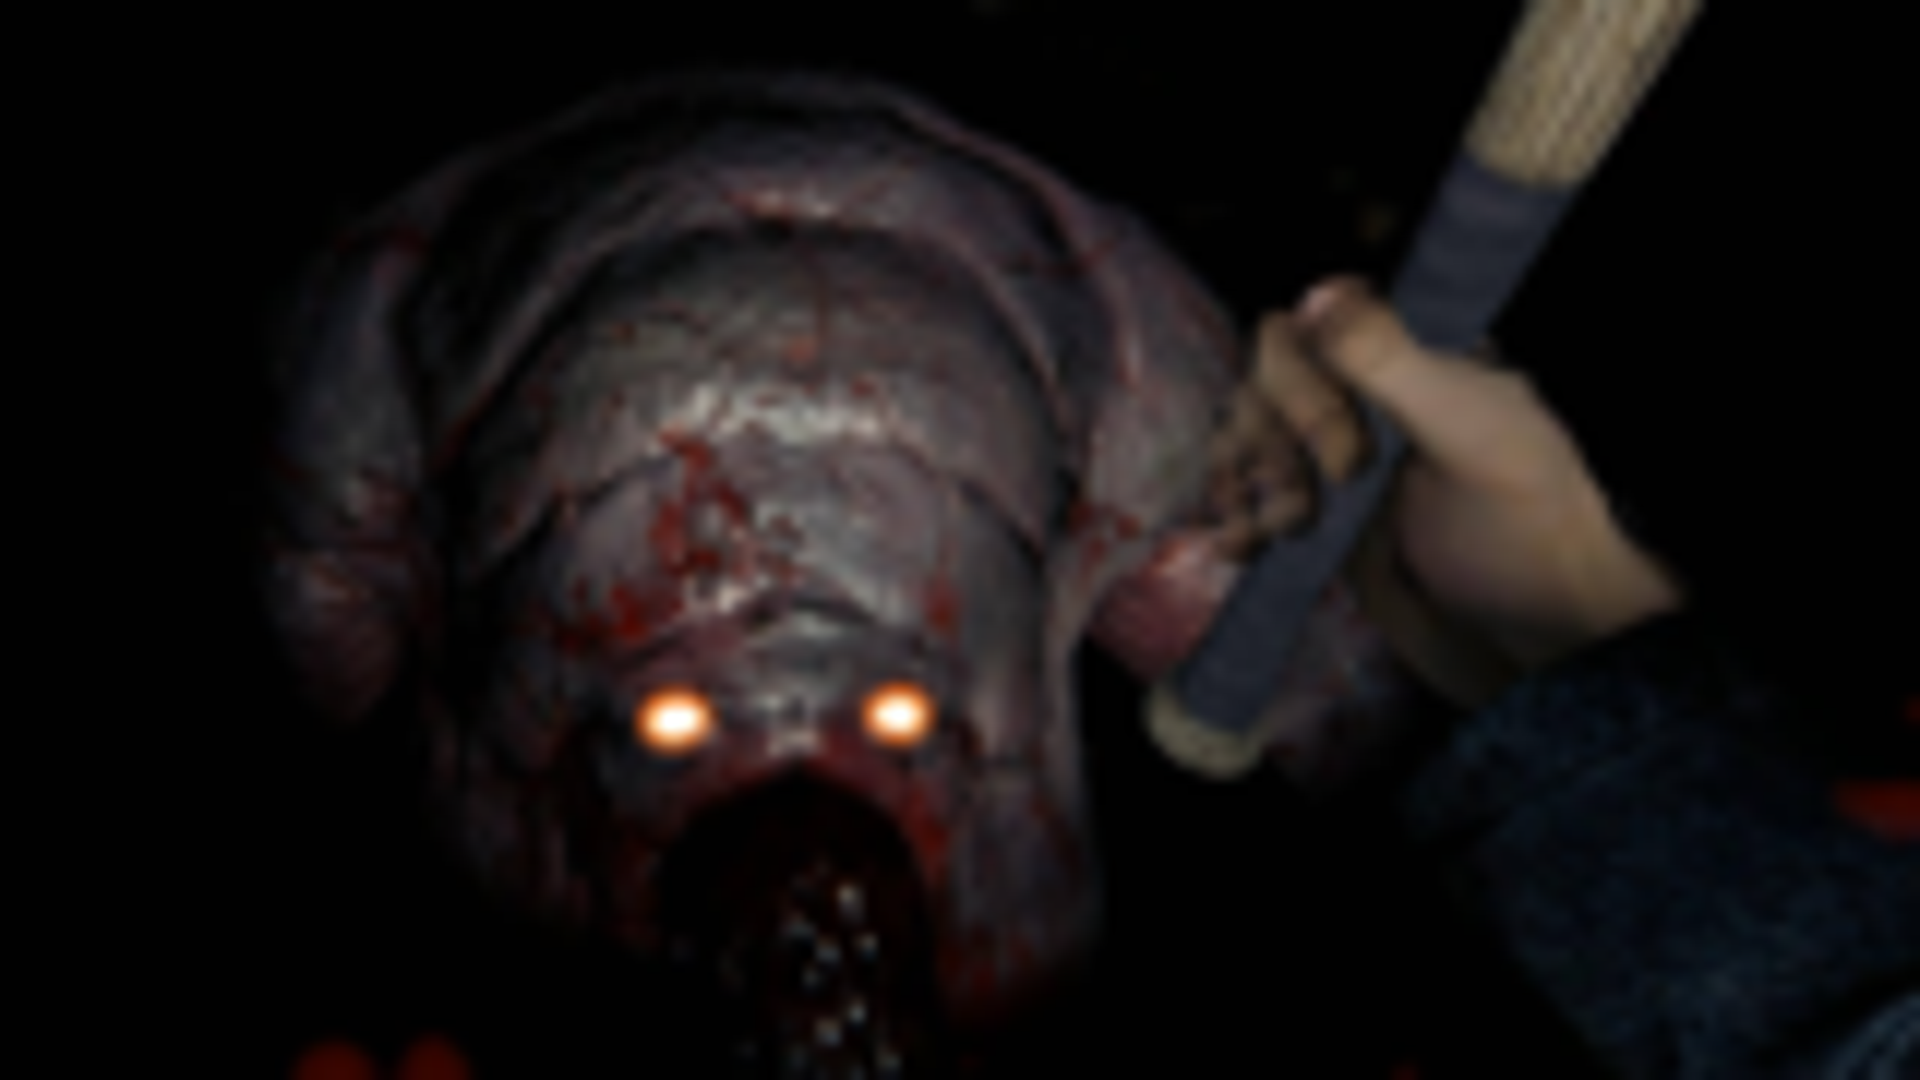 披着人皮的恶魔与一无所知的工具人~恐怖游戏《亨利毕绍普的故事》速通